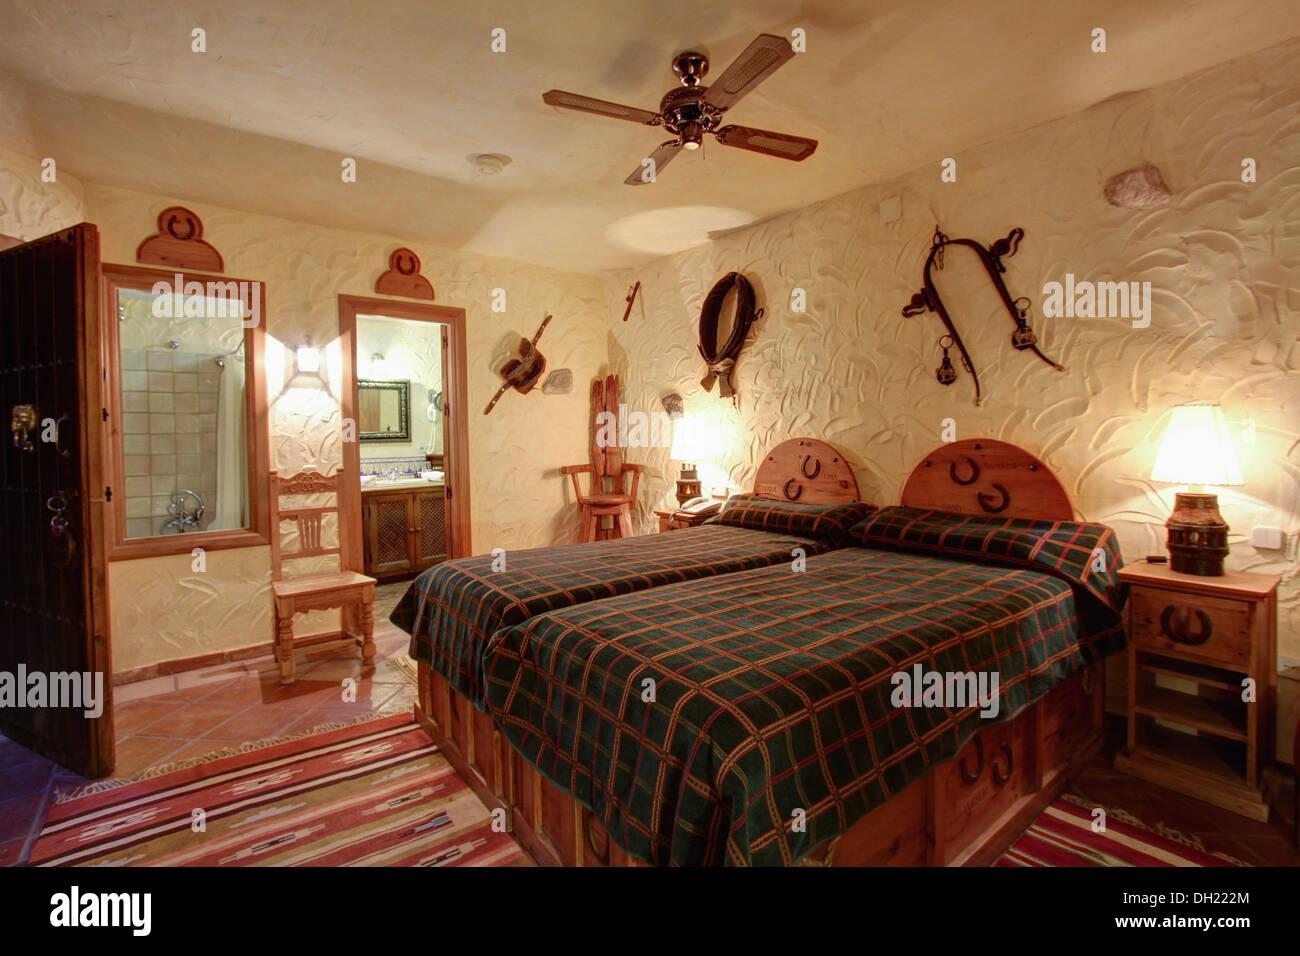 Bouilloire ventilateur de plafond au-dessus de lit en bois ...